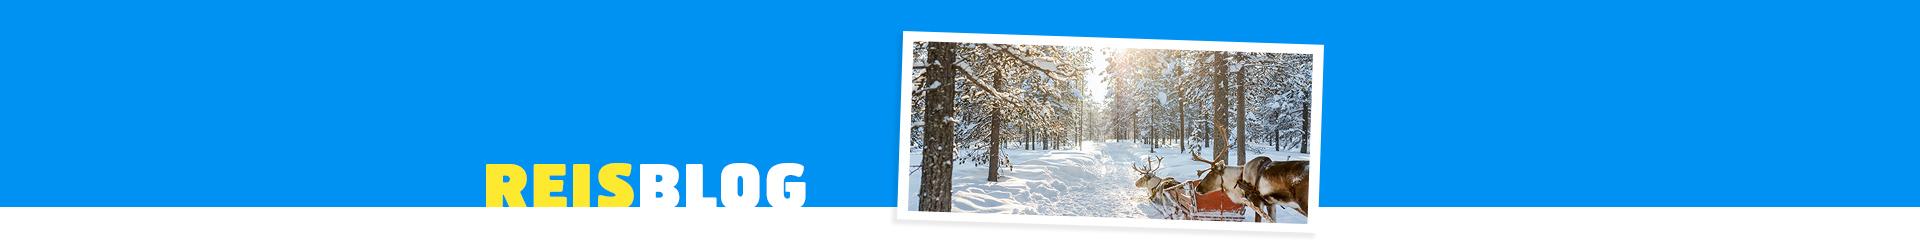 Prachtig landschap met sneeuw